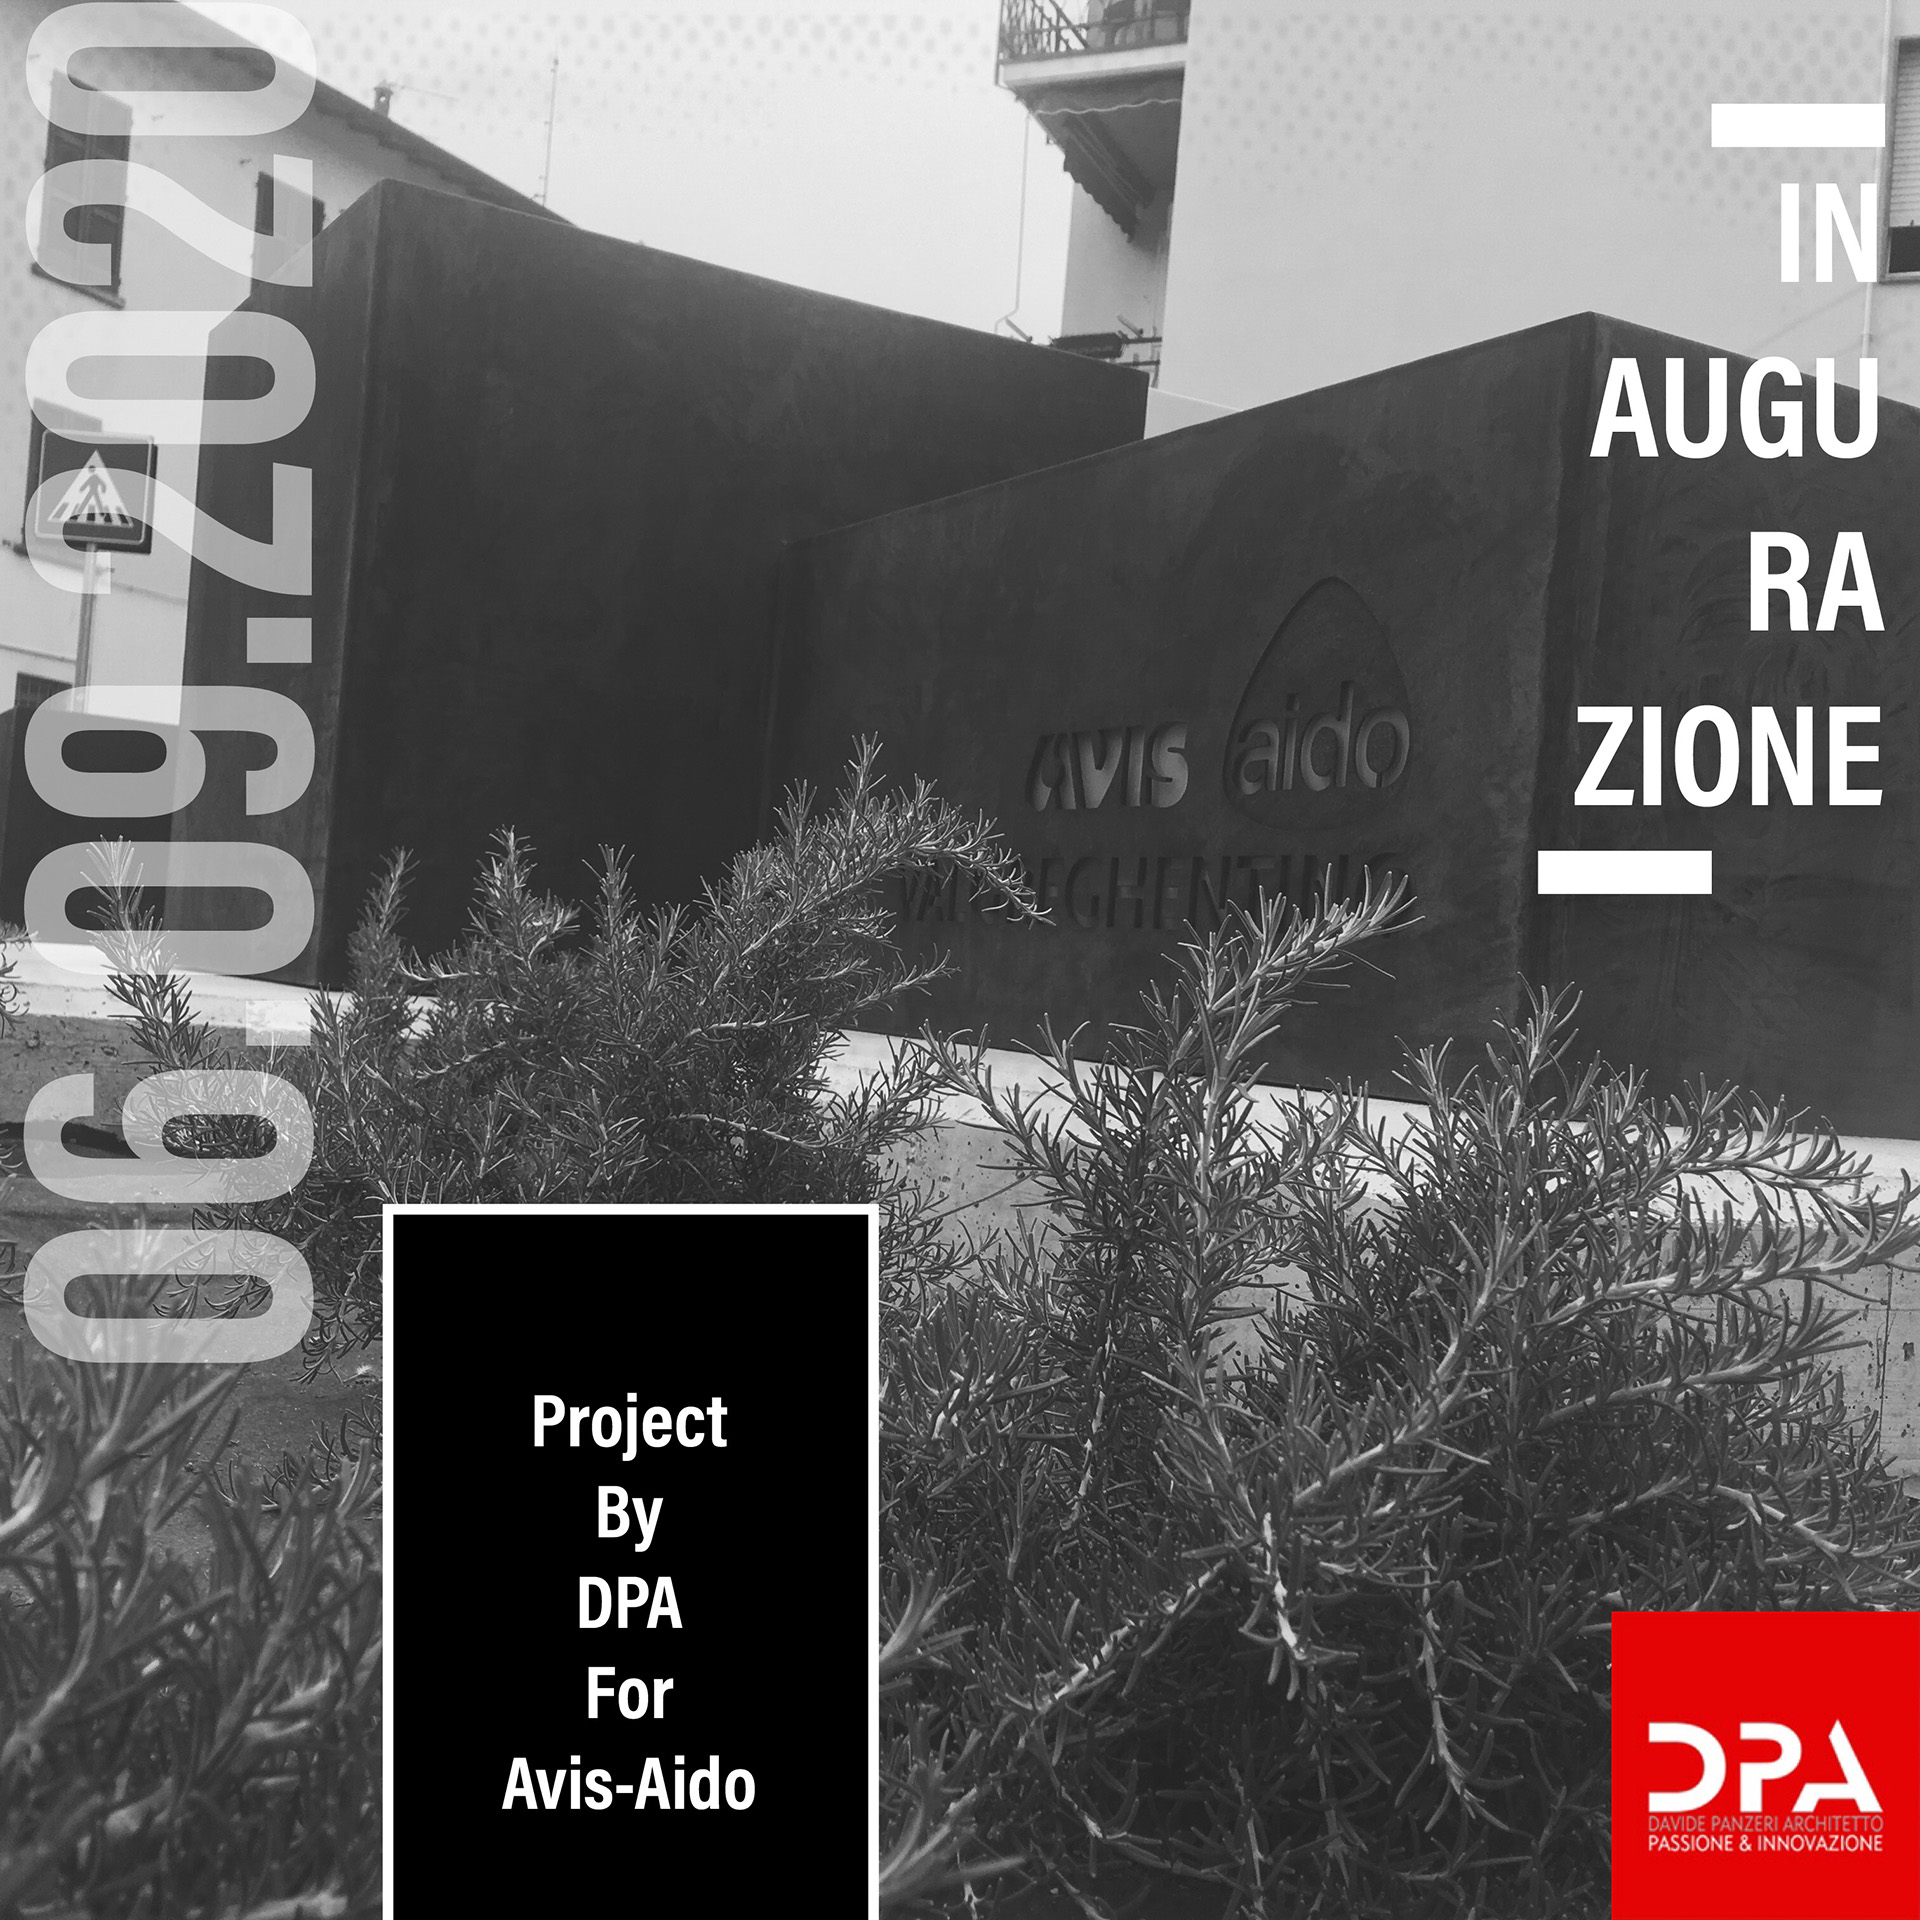 Manifesto dell'inaugurazione del monumento Avis-Aido 2020 progettato dallo studio DPA